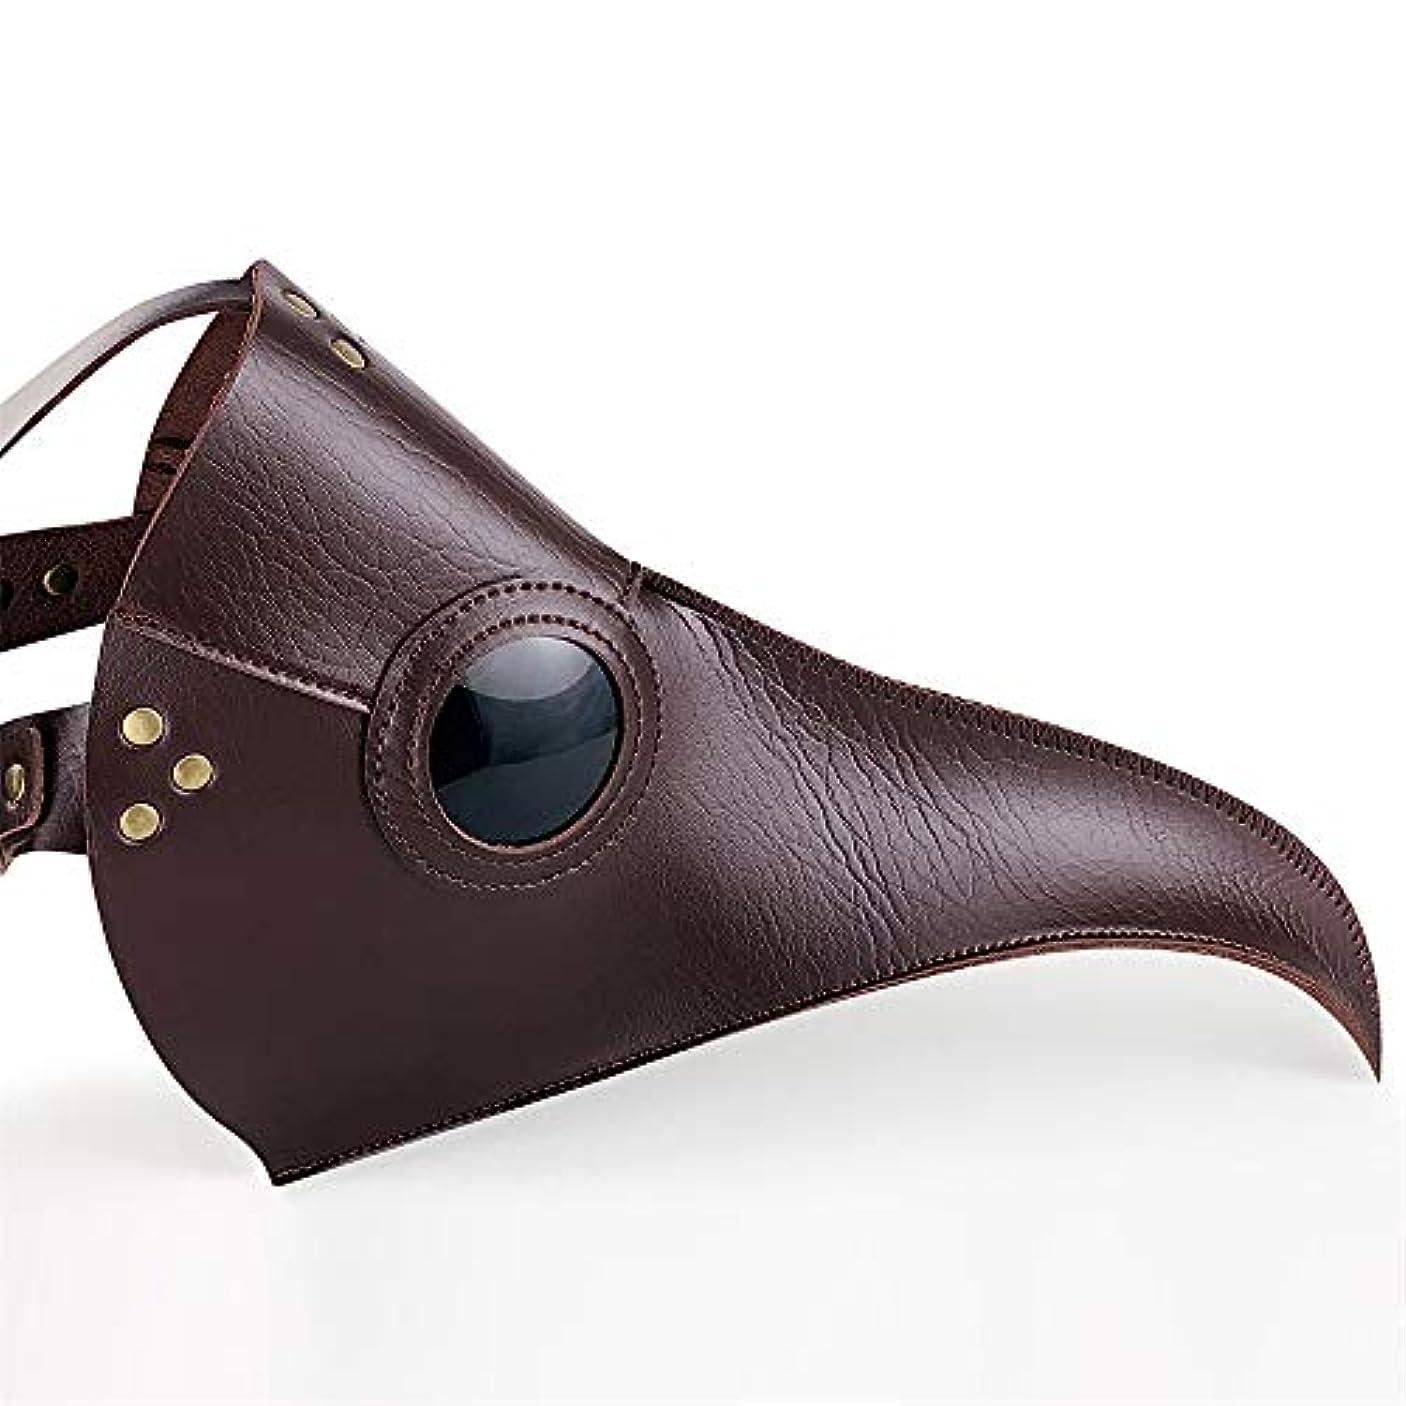 ソフトウェアグレード洗うロングビークマスクハロウィン小道具ギフト仮装マスク